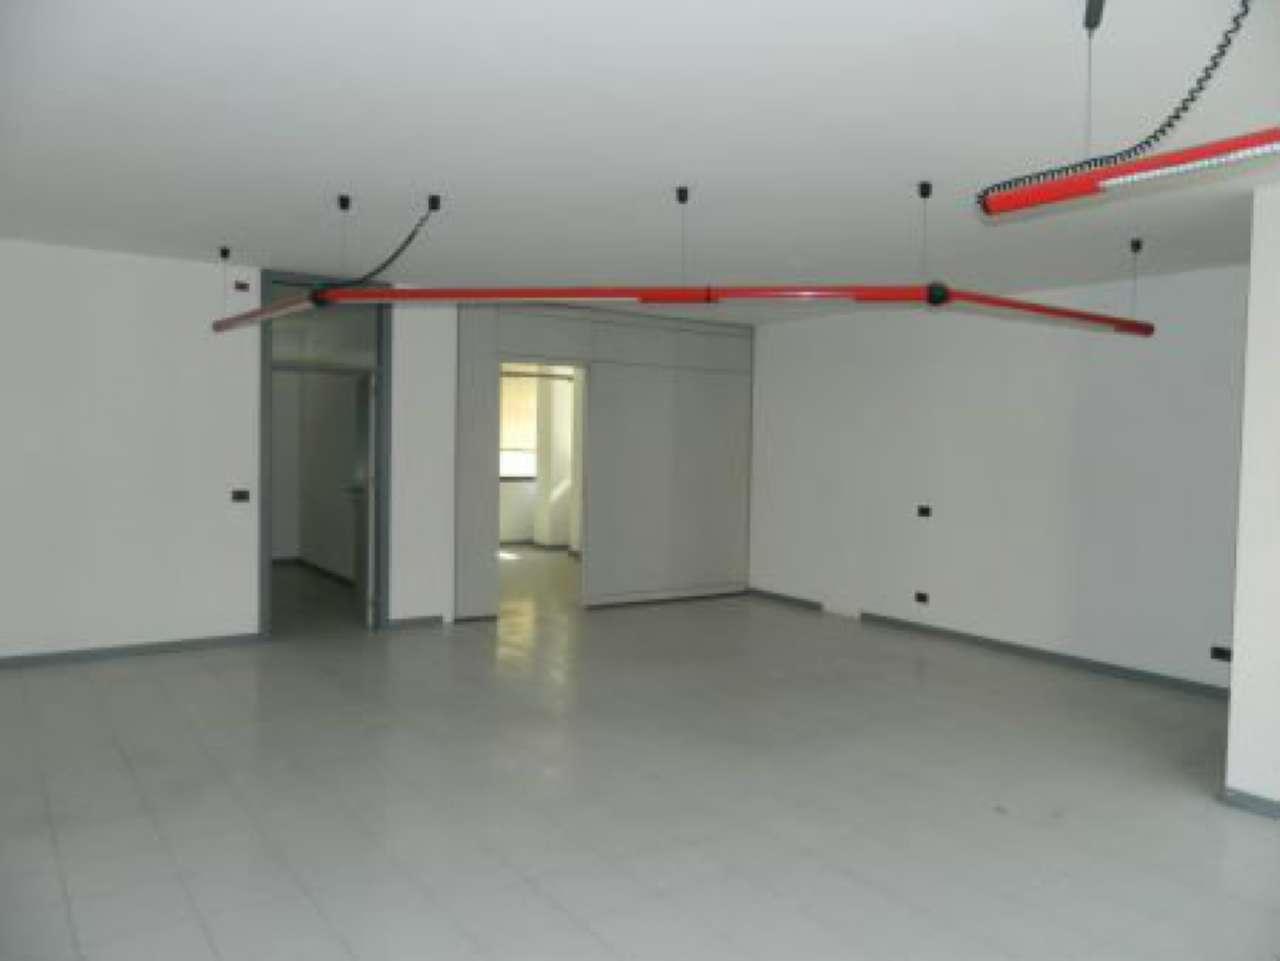 Ufficio / Studio in vendita a Sondrio, 1 locali, Trattative riservate | Cambio Casa.it